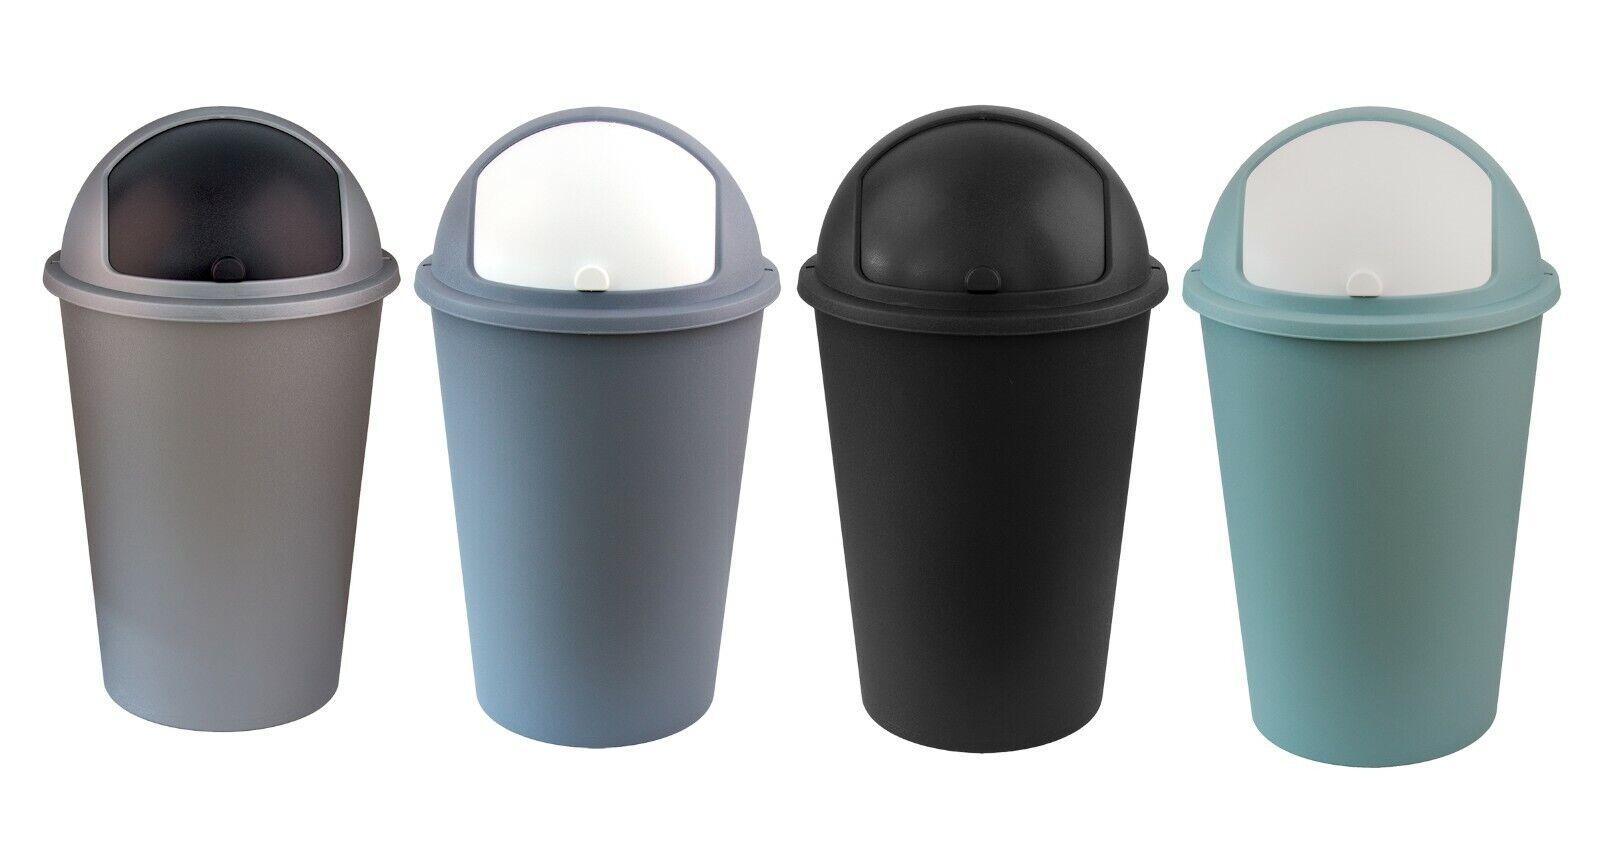 XXL Mülleimer mit Deckel 50L groß Plastik Abfallbehälter Müllsammler Papierkorb